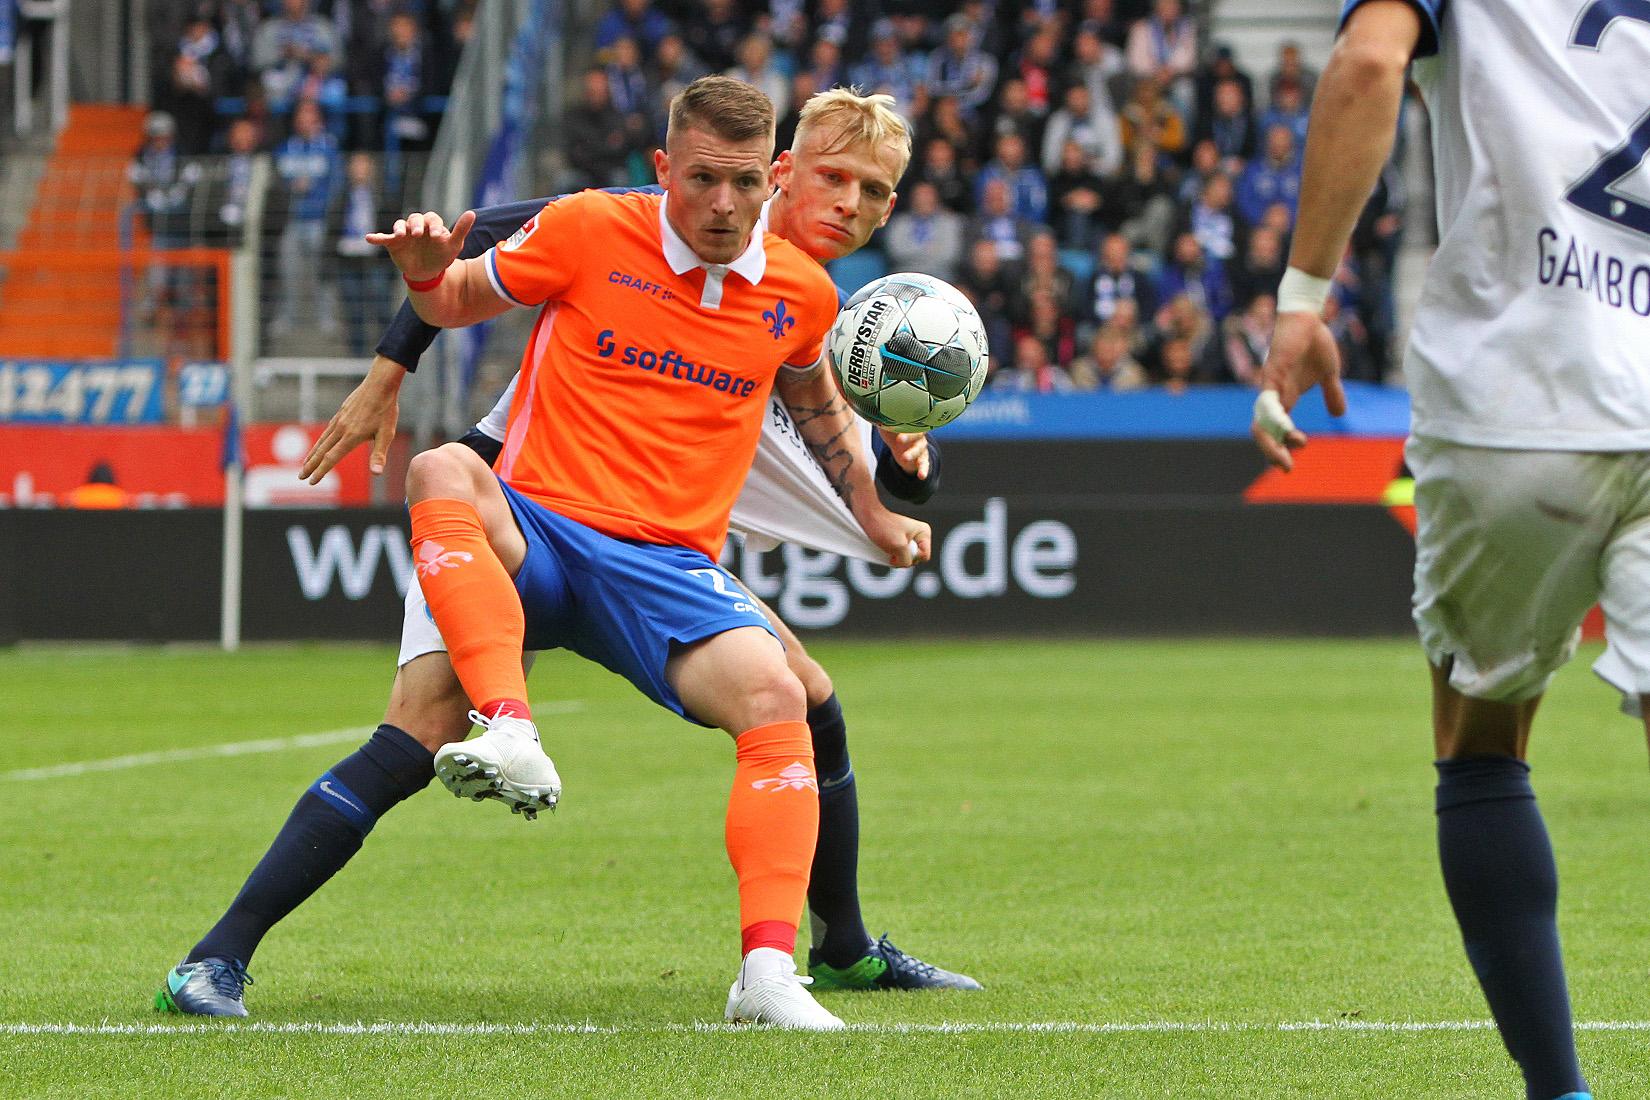 Impressionen vom Spiel VfL Bochum – SV Darmstadt 98